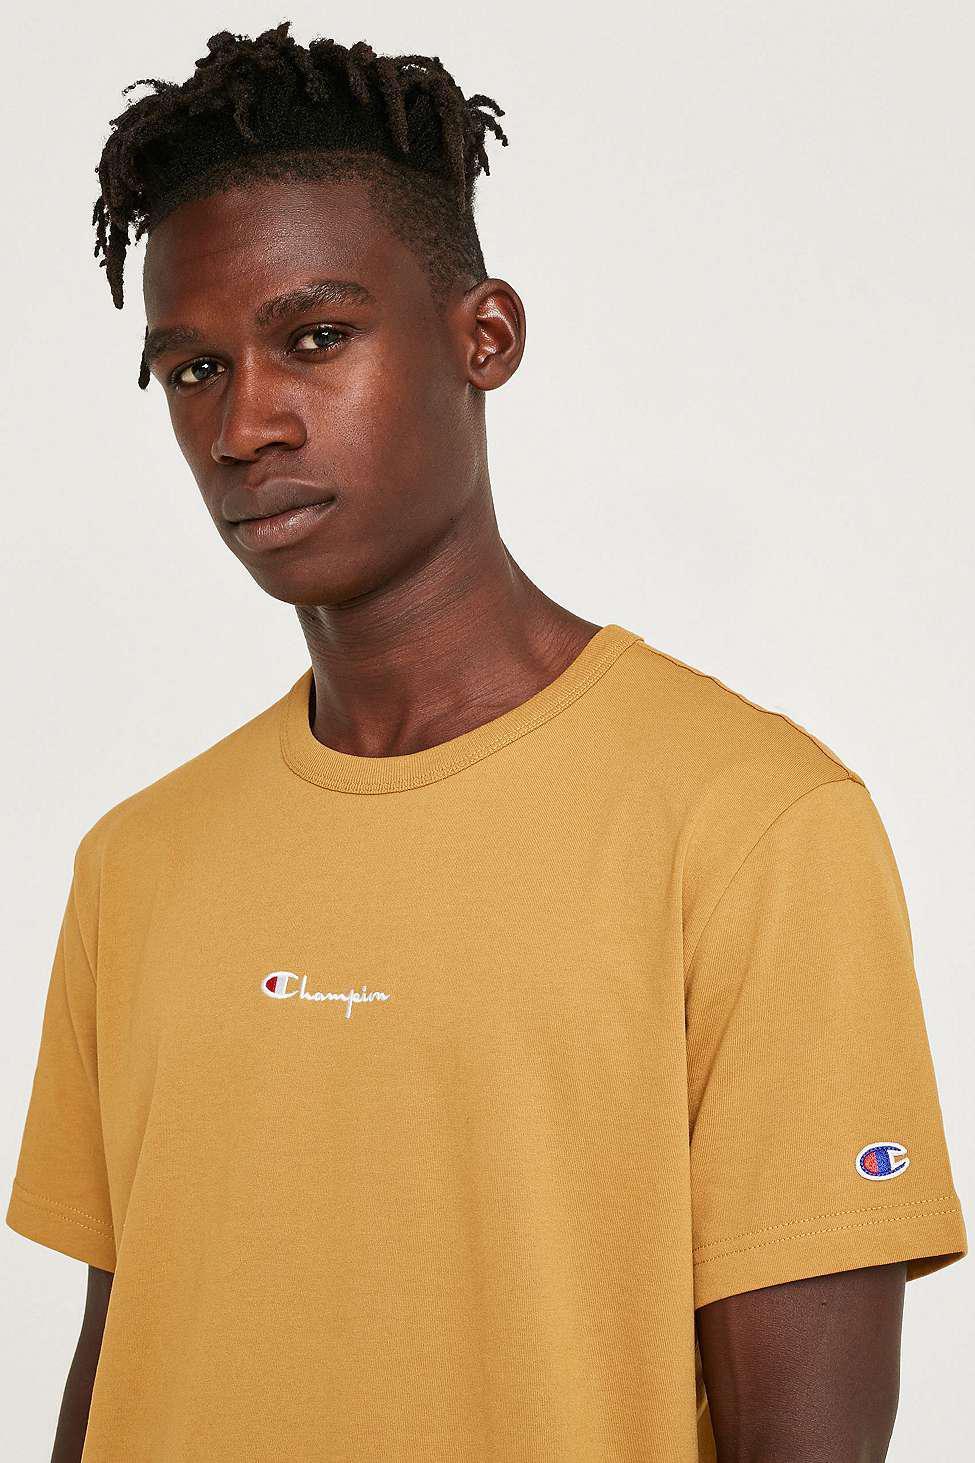 783e78e3fa76 Champion X Uo Brass Script Reverse Weave T-shirt - Mens M in Brown ...